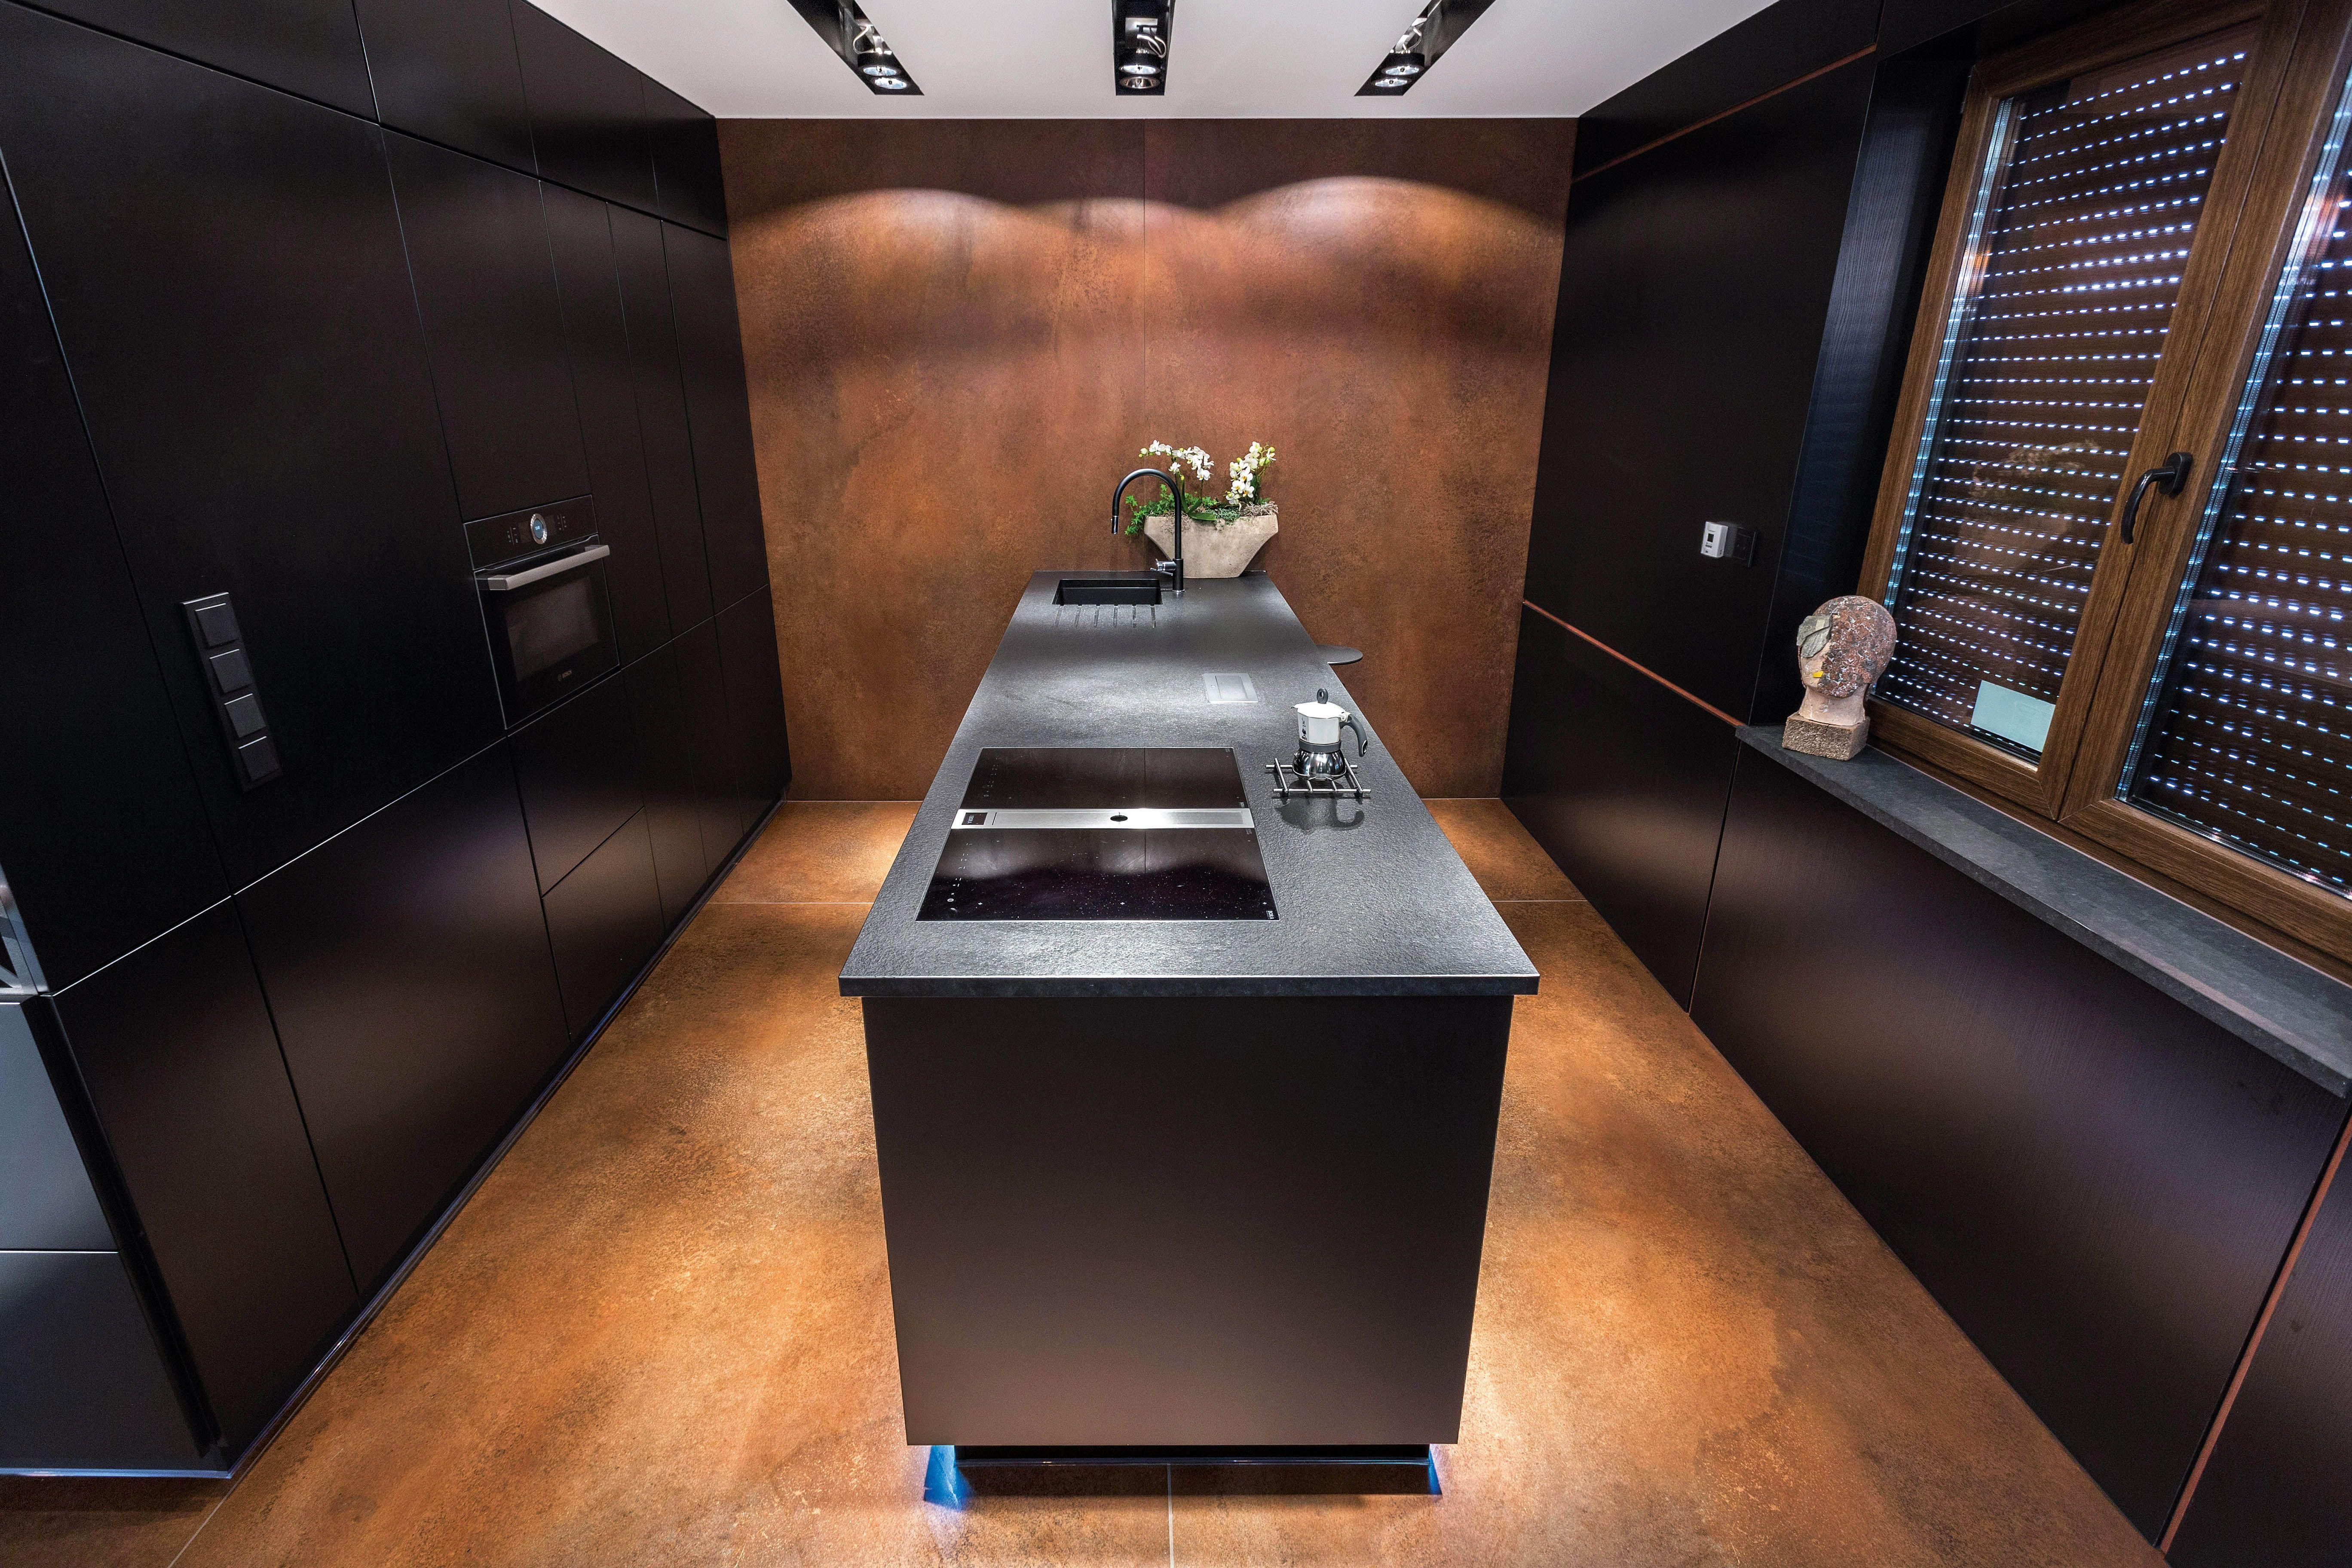 Wyspa W Kuchni Zawsze Jest Dobrym I Praktycznym Rozwiazaniem Wyspakuchenna Wyspawkuchni Pomyslnakuchnie Rozwiazaniedlakuchni Kit Decor Home Decor Kitchen